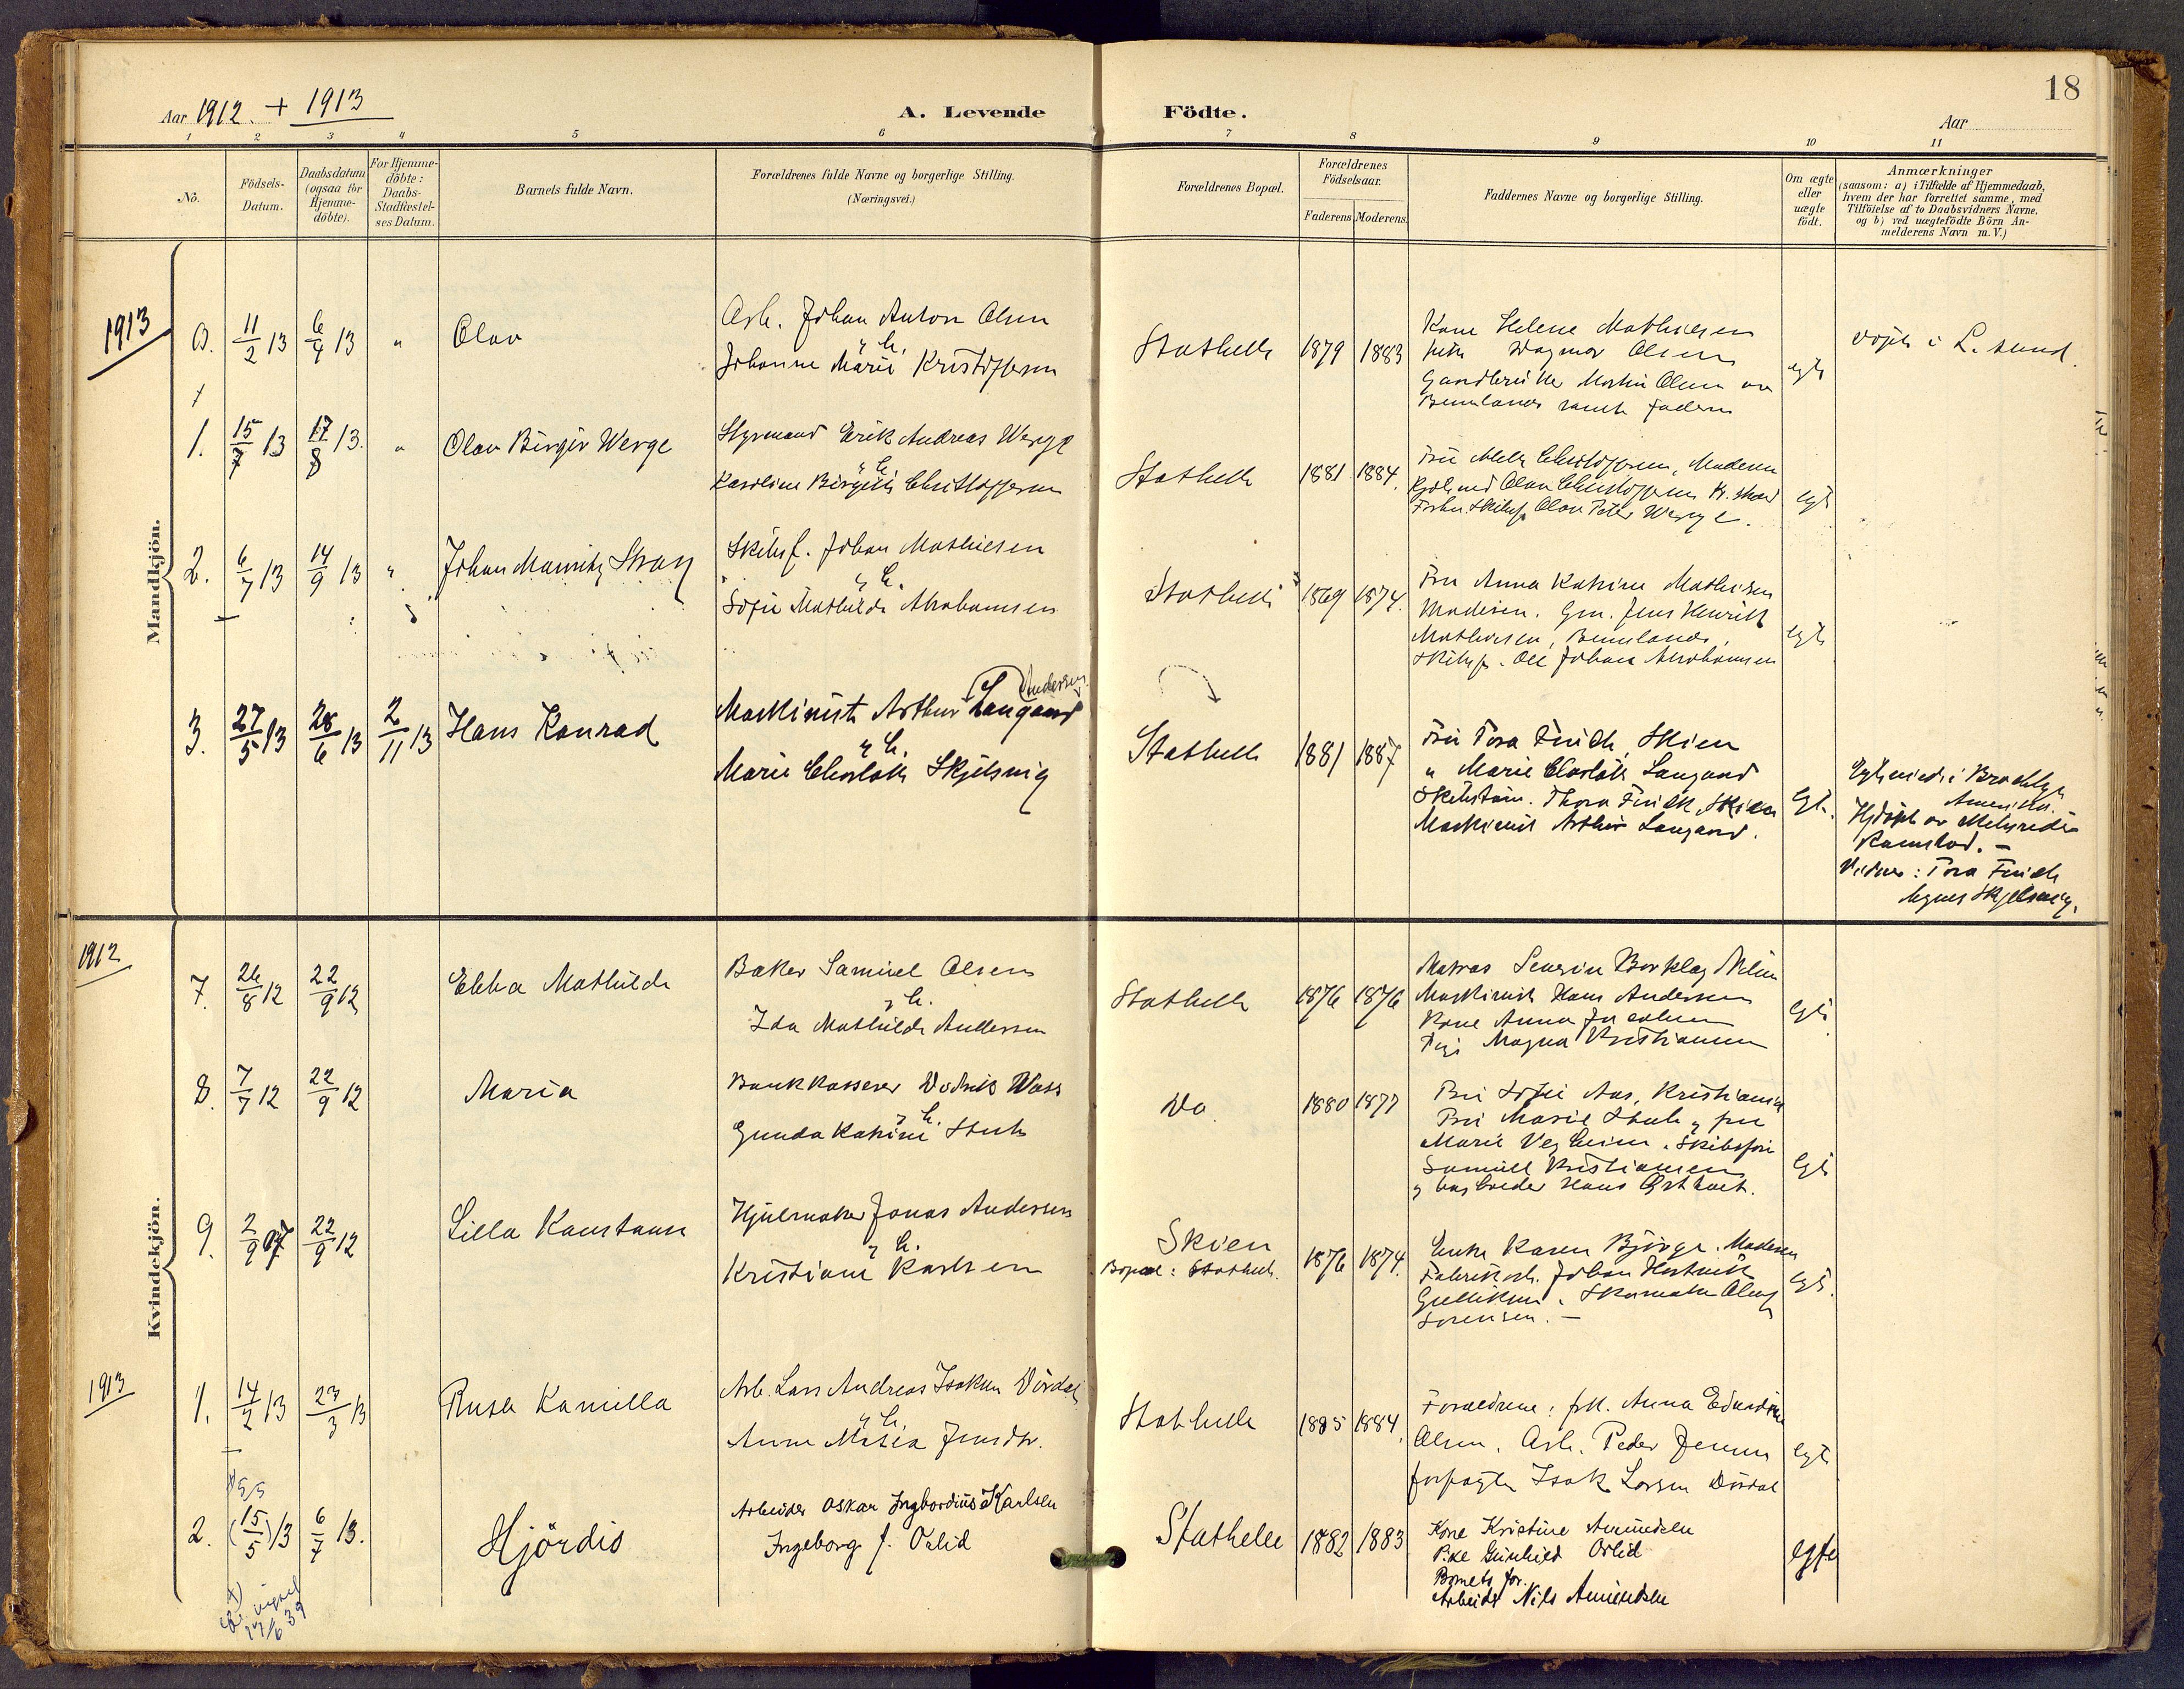 SAKO, Bamble kirkebøker, F/Fb/L0002: Ministerialbok nr. II 2, 1900-1921, s. 18